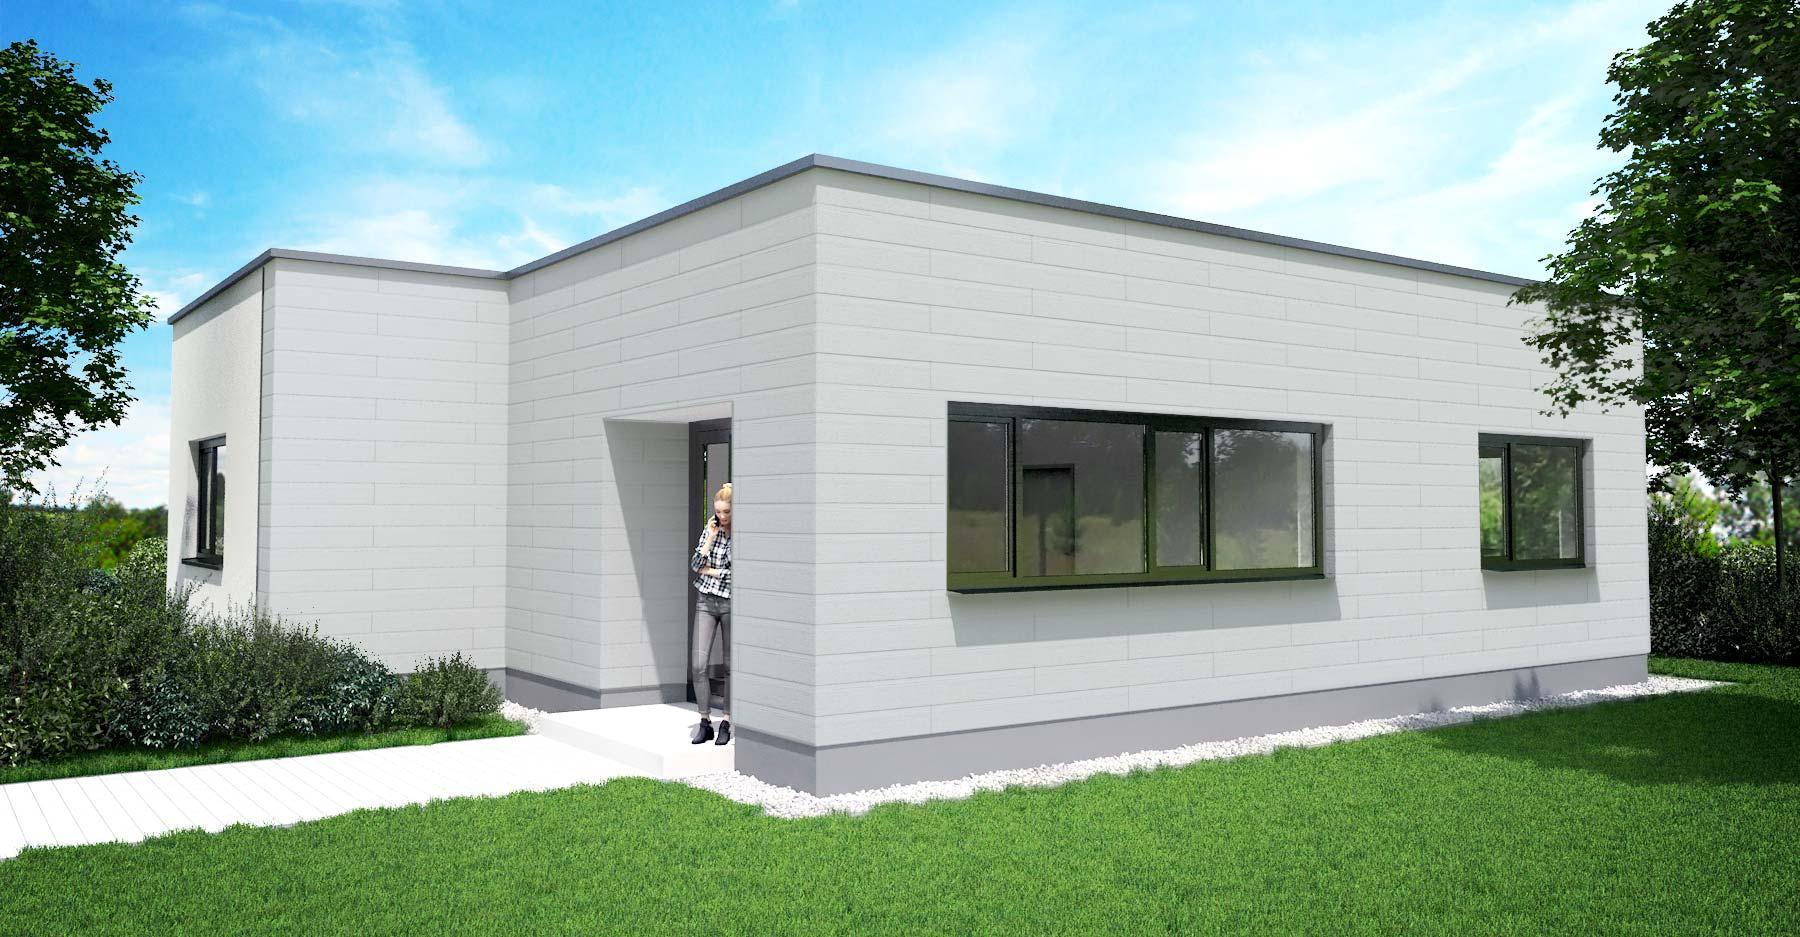 konfigurator zf zierer fassaden. Black Bedroom Furniture Sets. Home Design Ideas